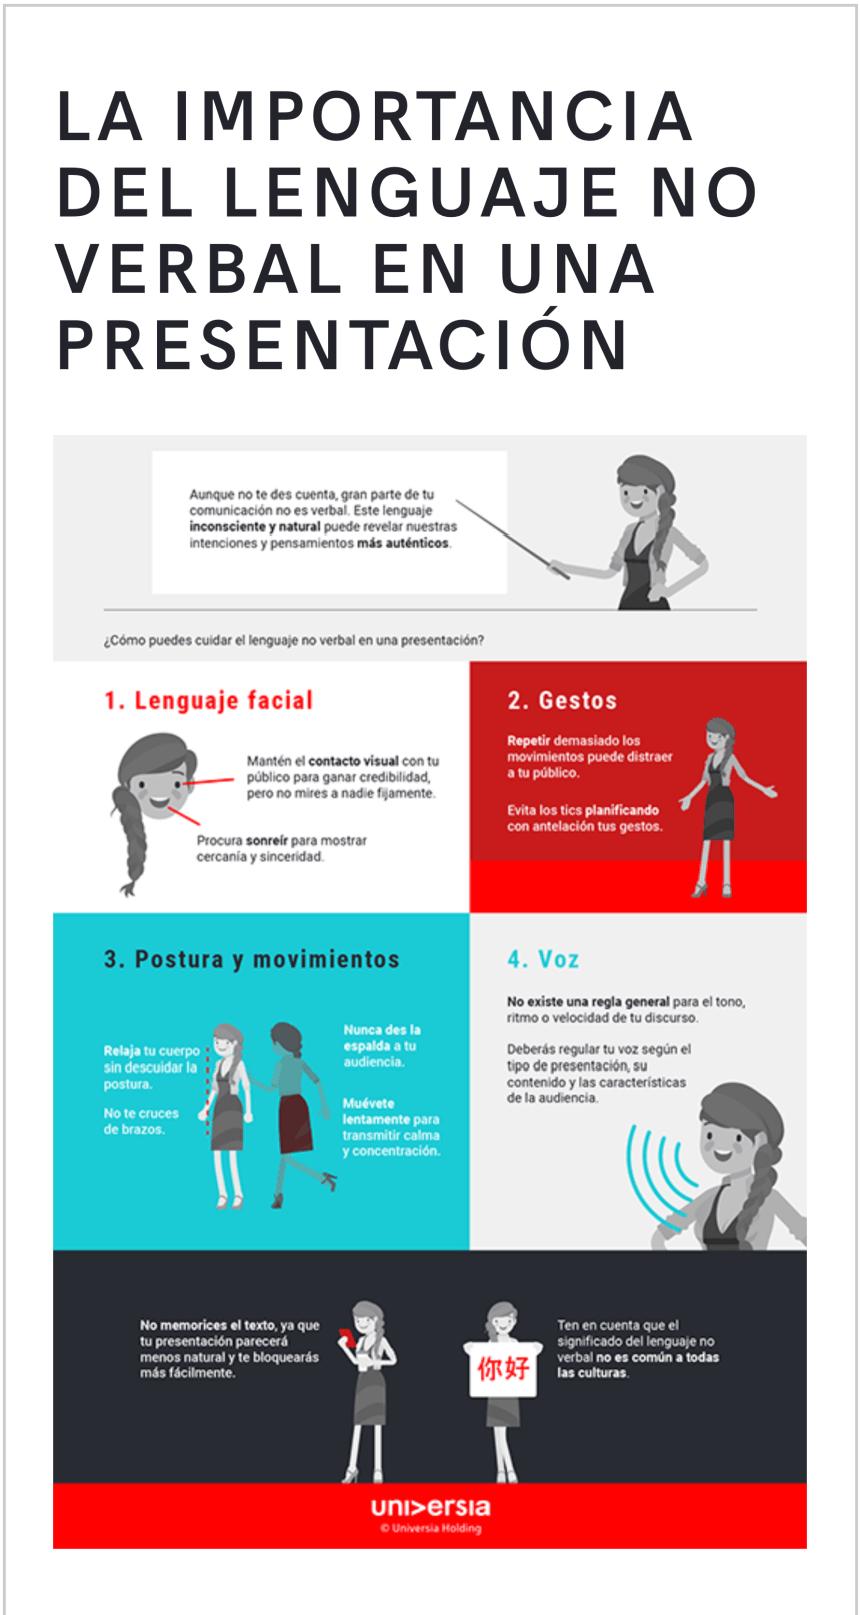 La importancia del lenguaje no verbal en una presentación